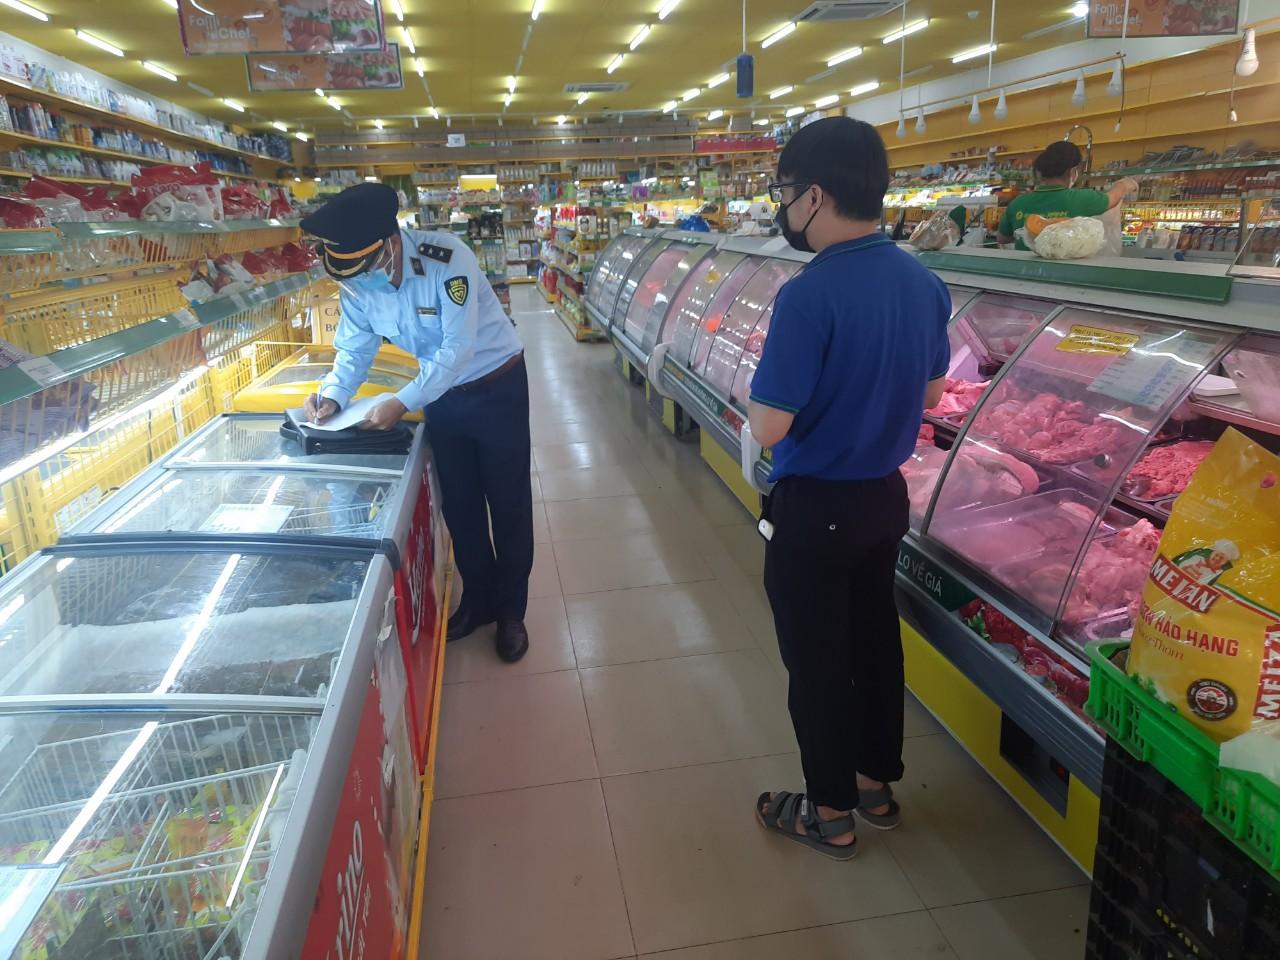 Tiền Giang: Tuyên truyền chống đầu cơ, găm hàng, tăng giá quá mức đối với 12 cơ sở kinh doanh thực phẩm trong ngày 26/7/2021